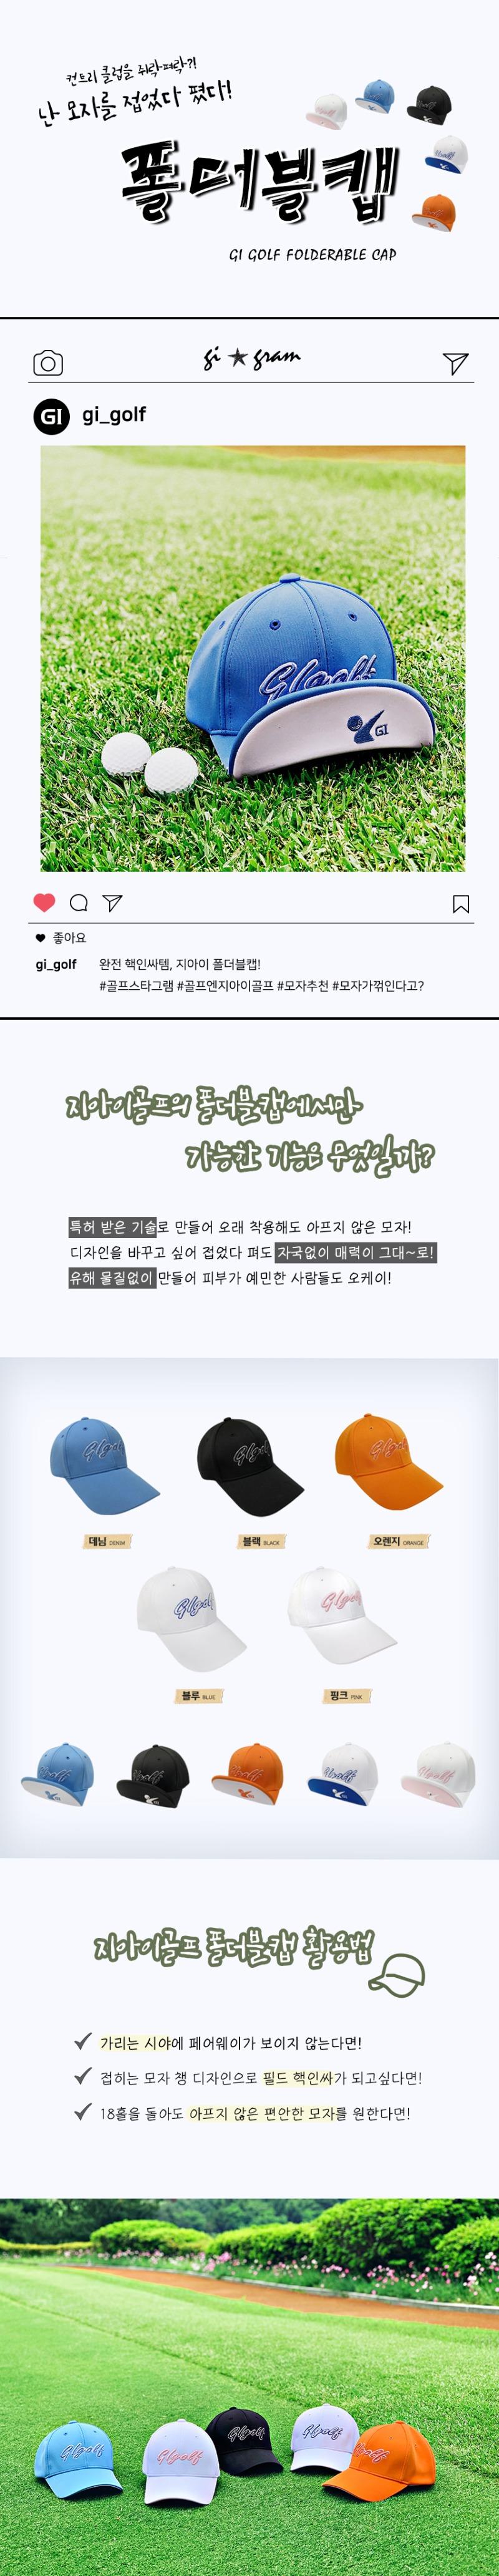 소개글.jpg